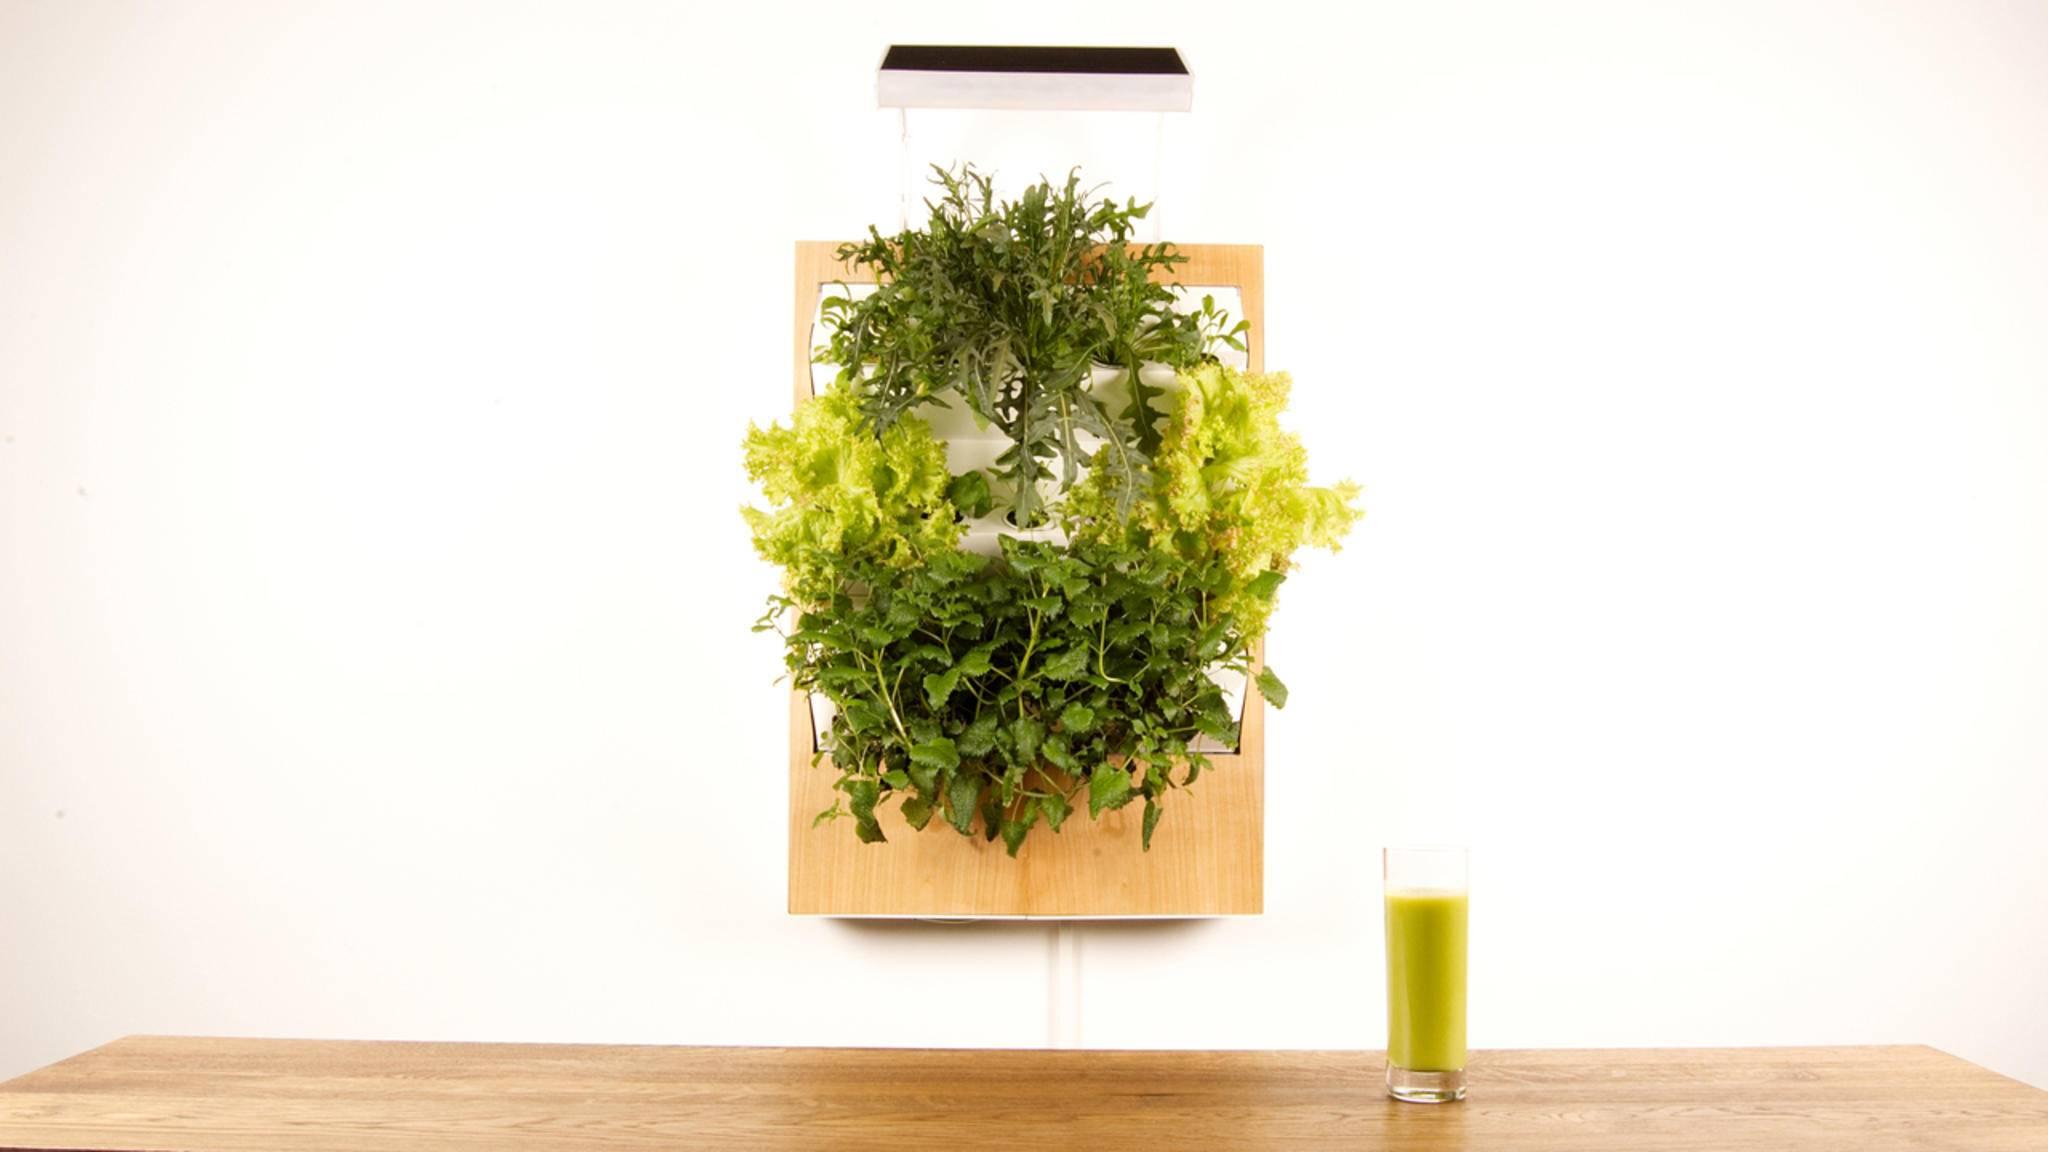 Herbert sieht aus wie ein lebendes grünes Gemälde und liefert Dir frisches Gemüse aus eigener Zucht.